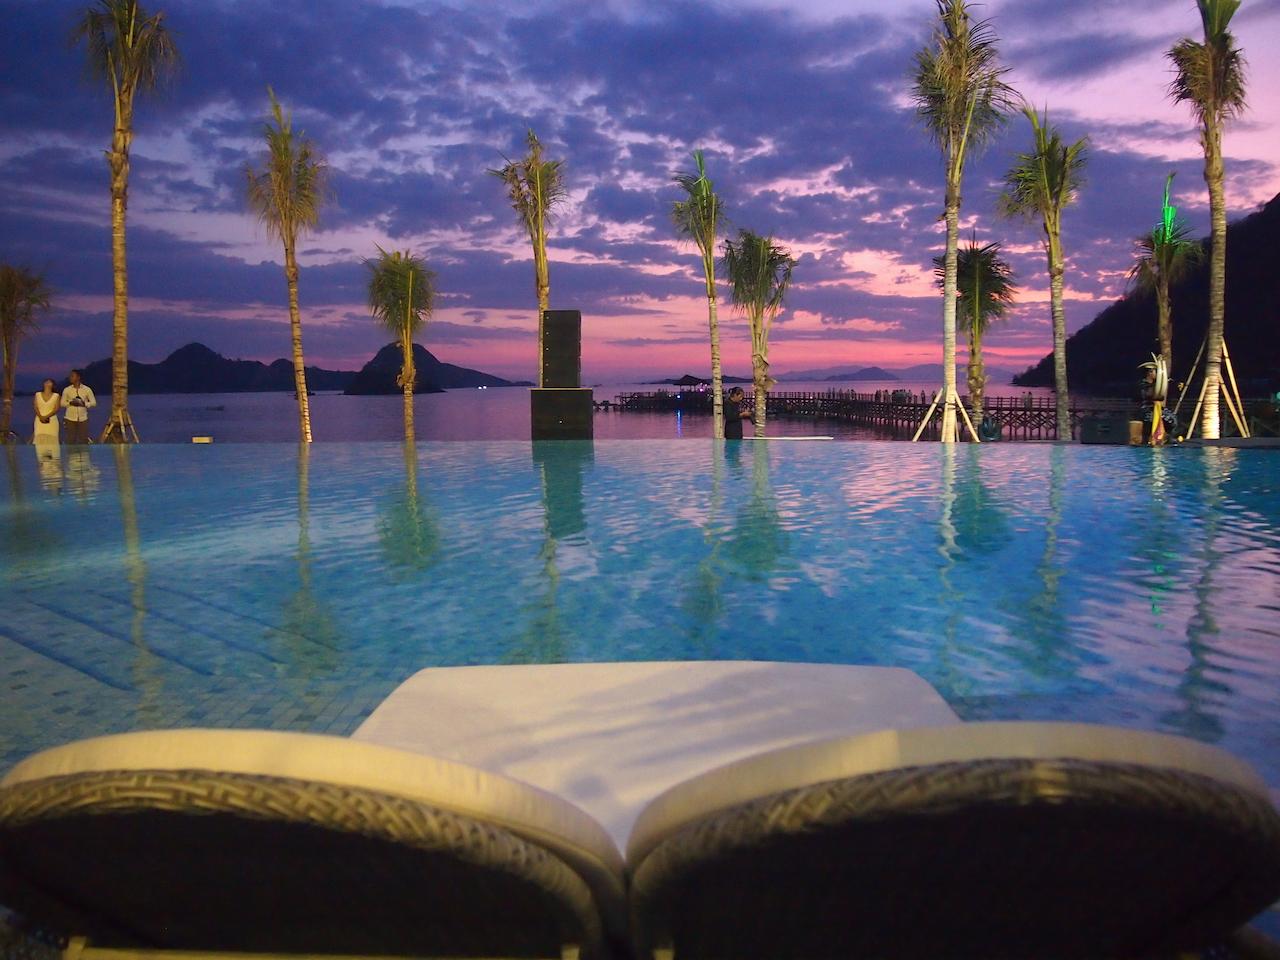 フローレス島のAYANA Komodo Resort